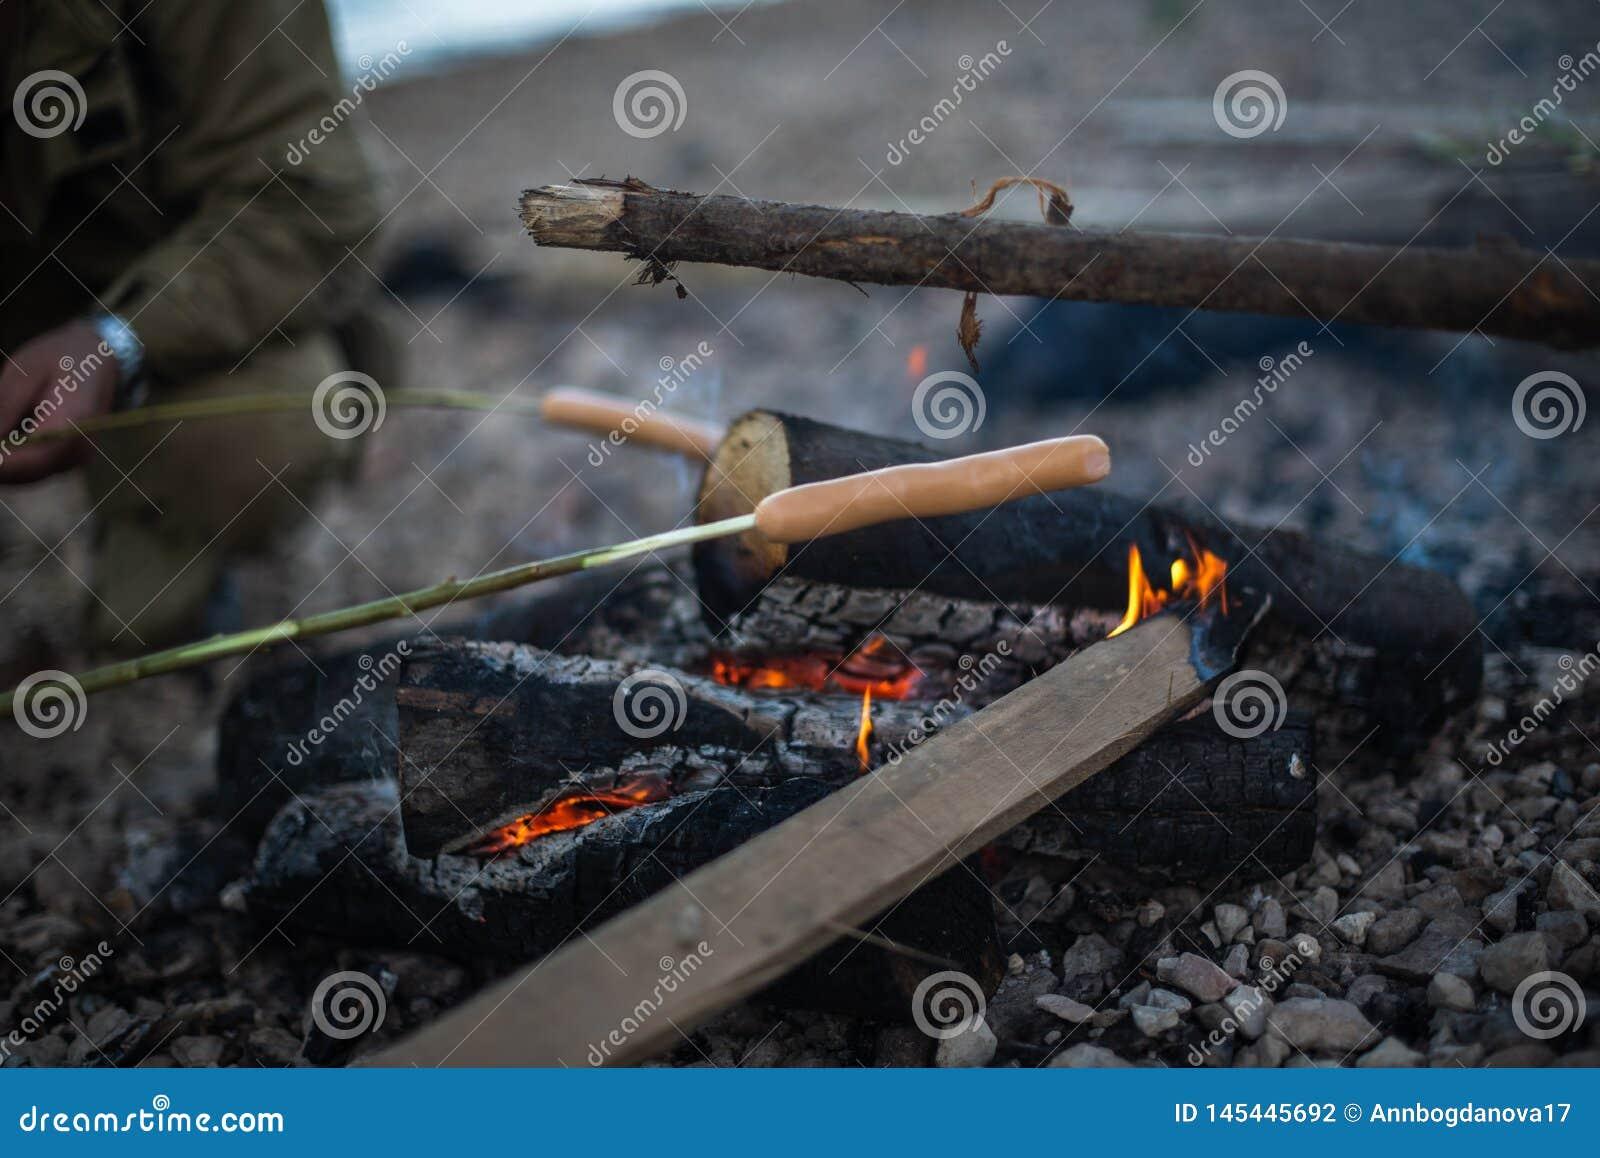 Люди жарят сосиски на открытом огне